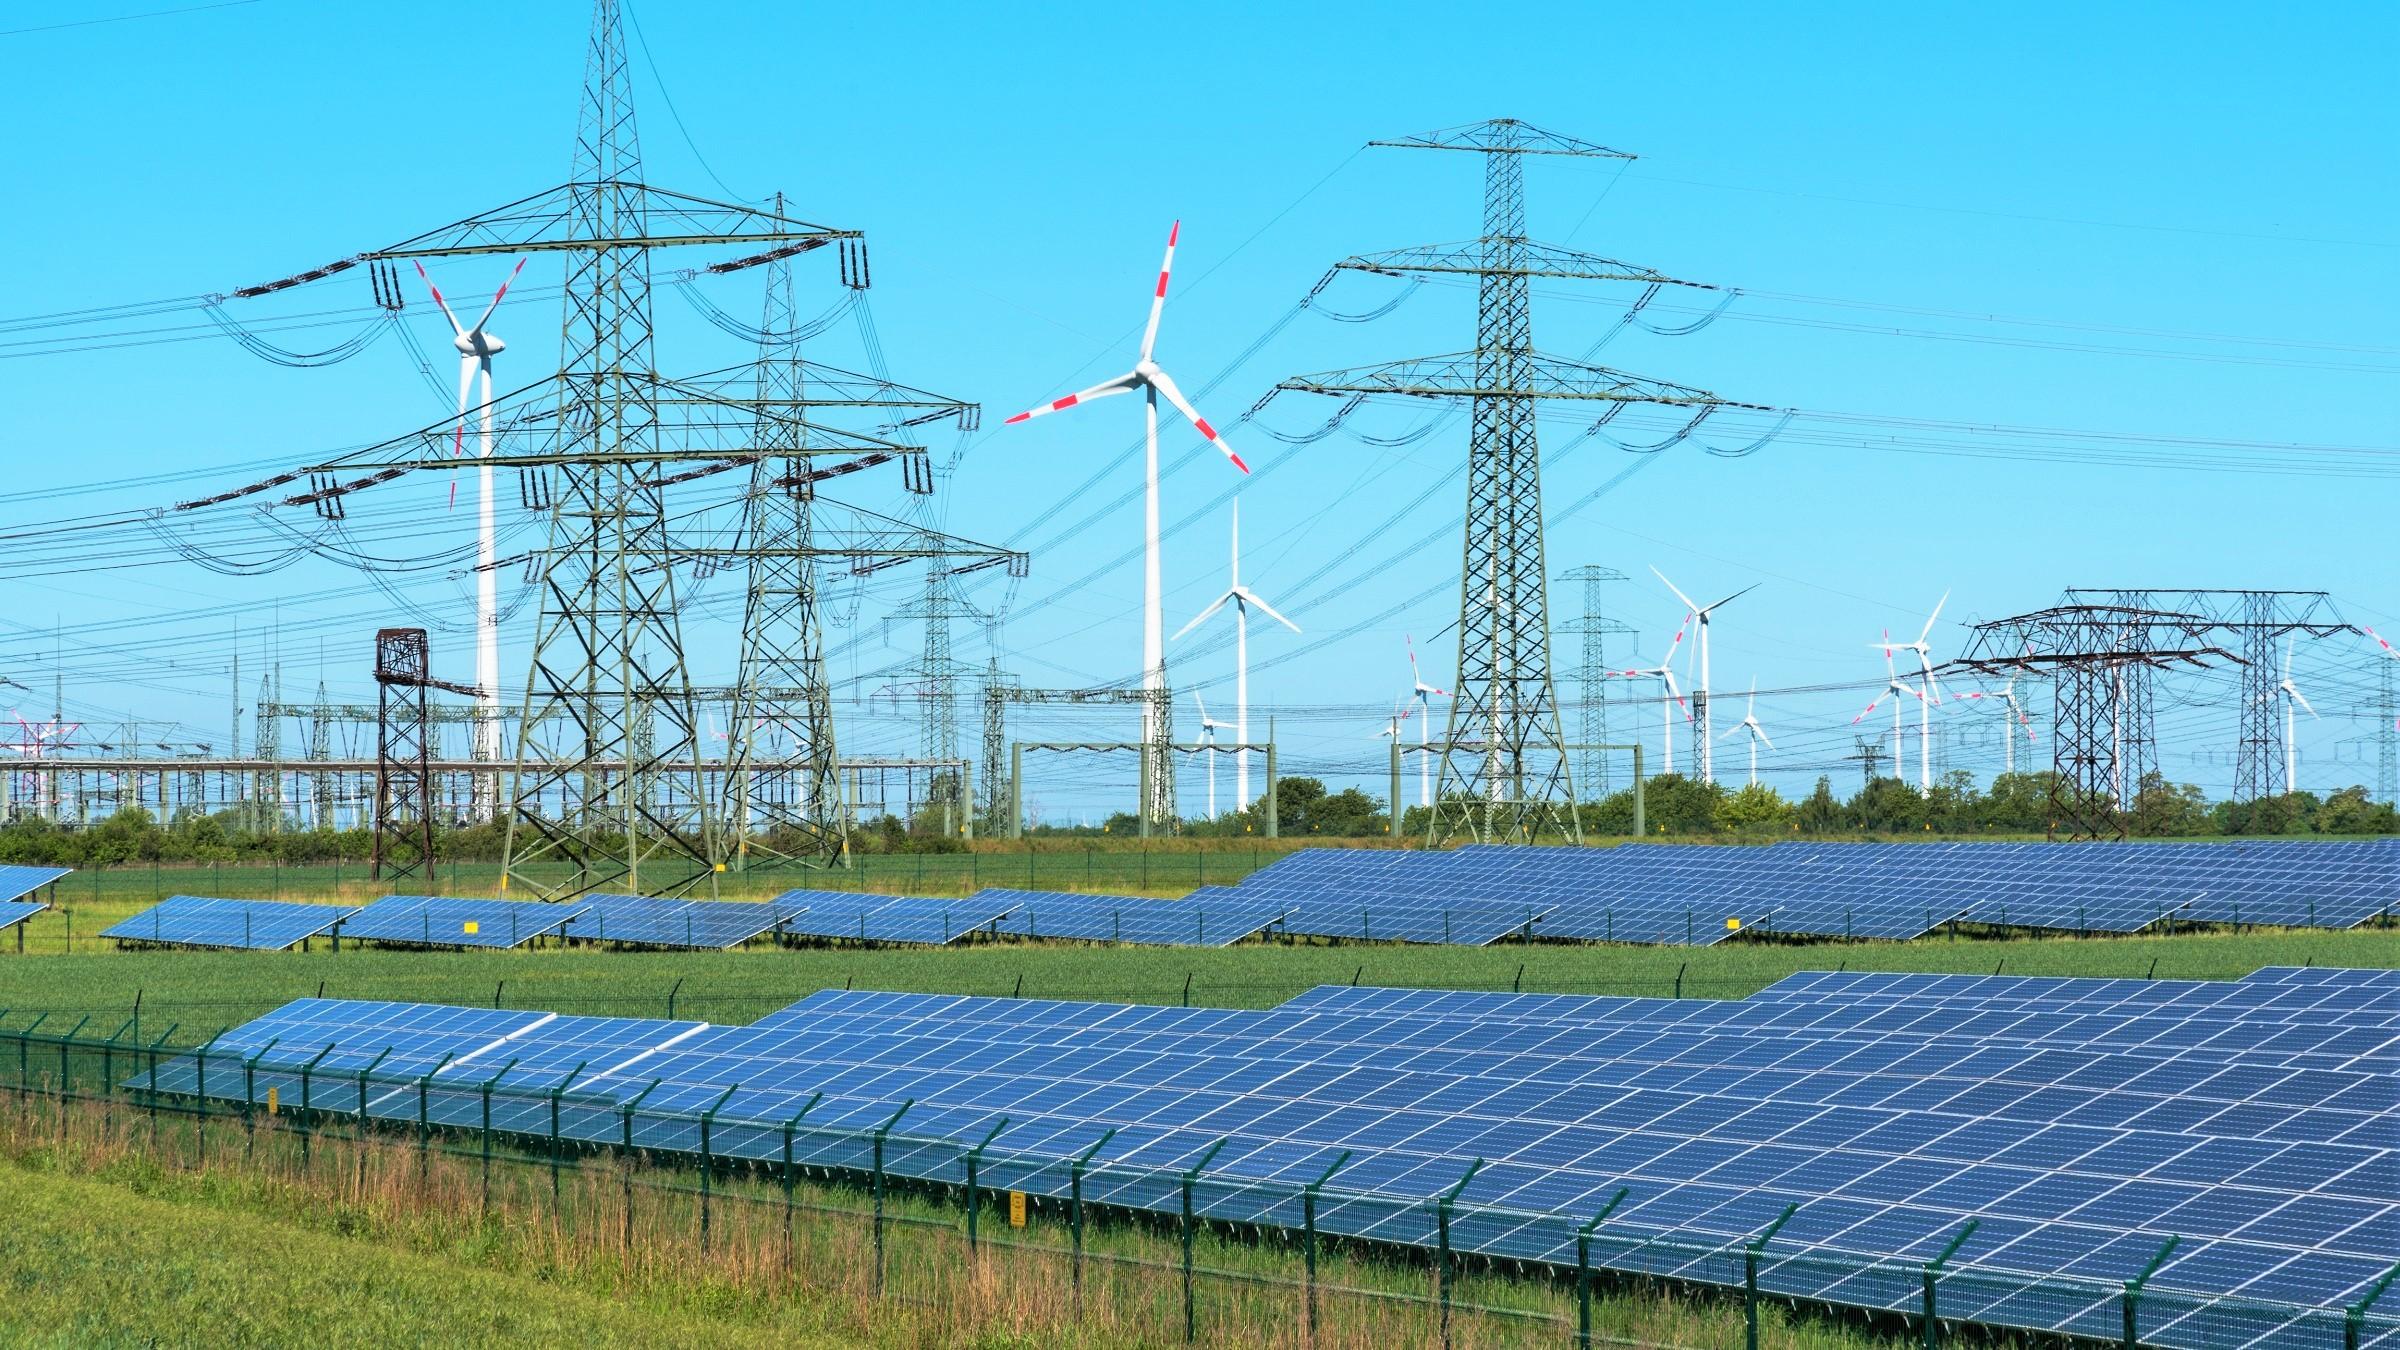 Strompreis für große Industriebetriebe steigt bis 2030 um 50 Prozent